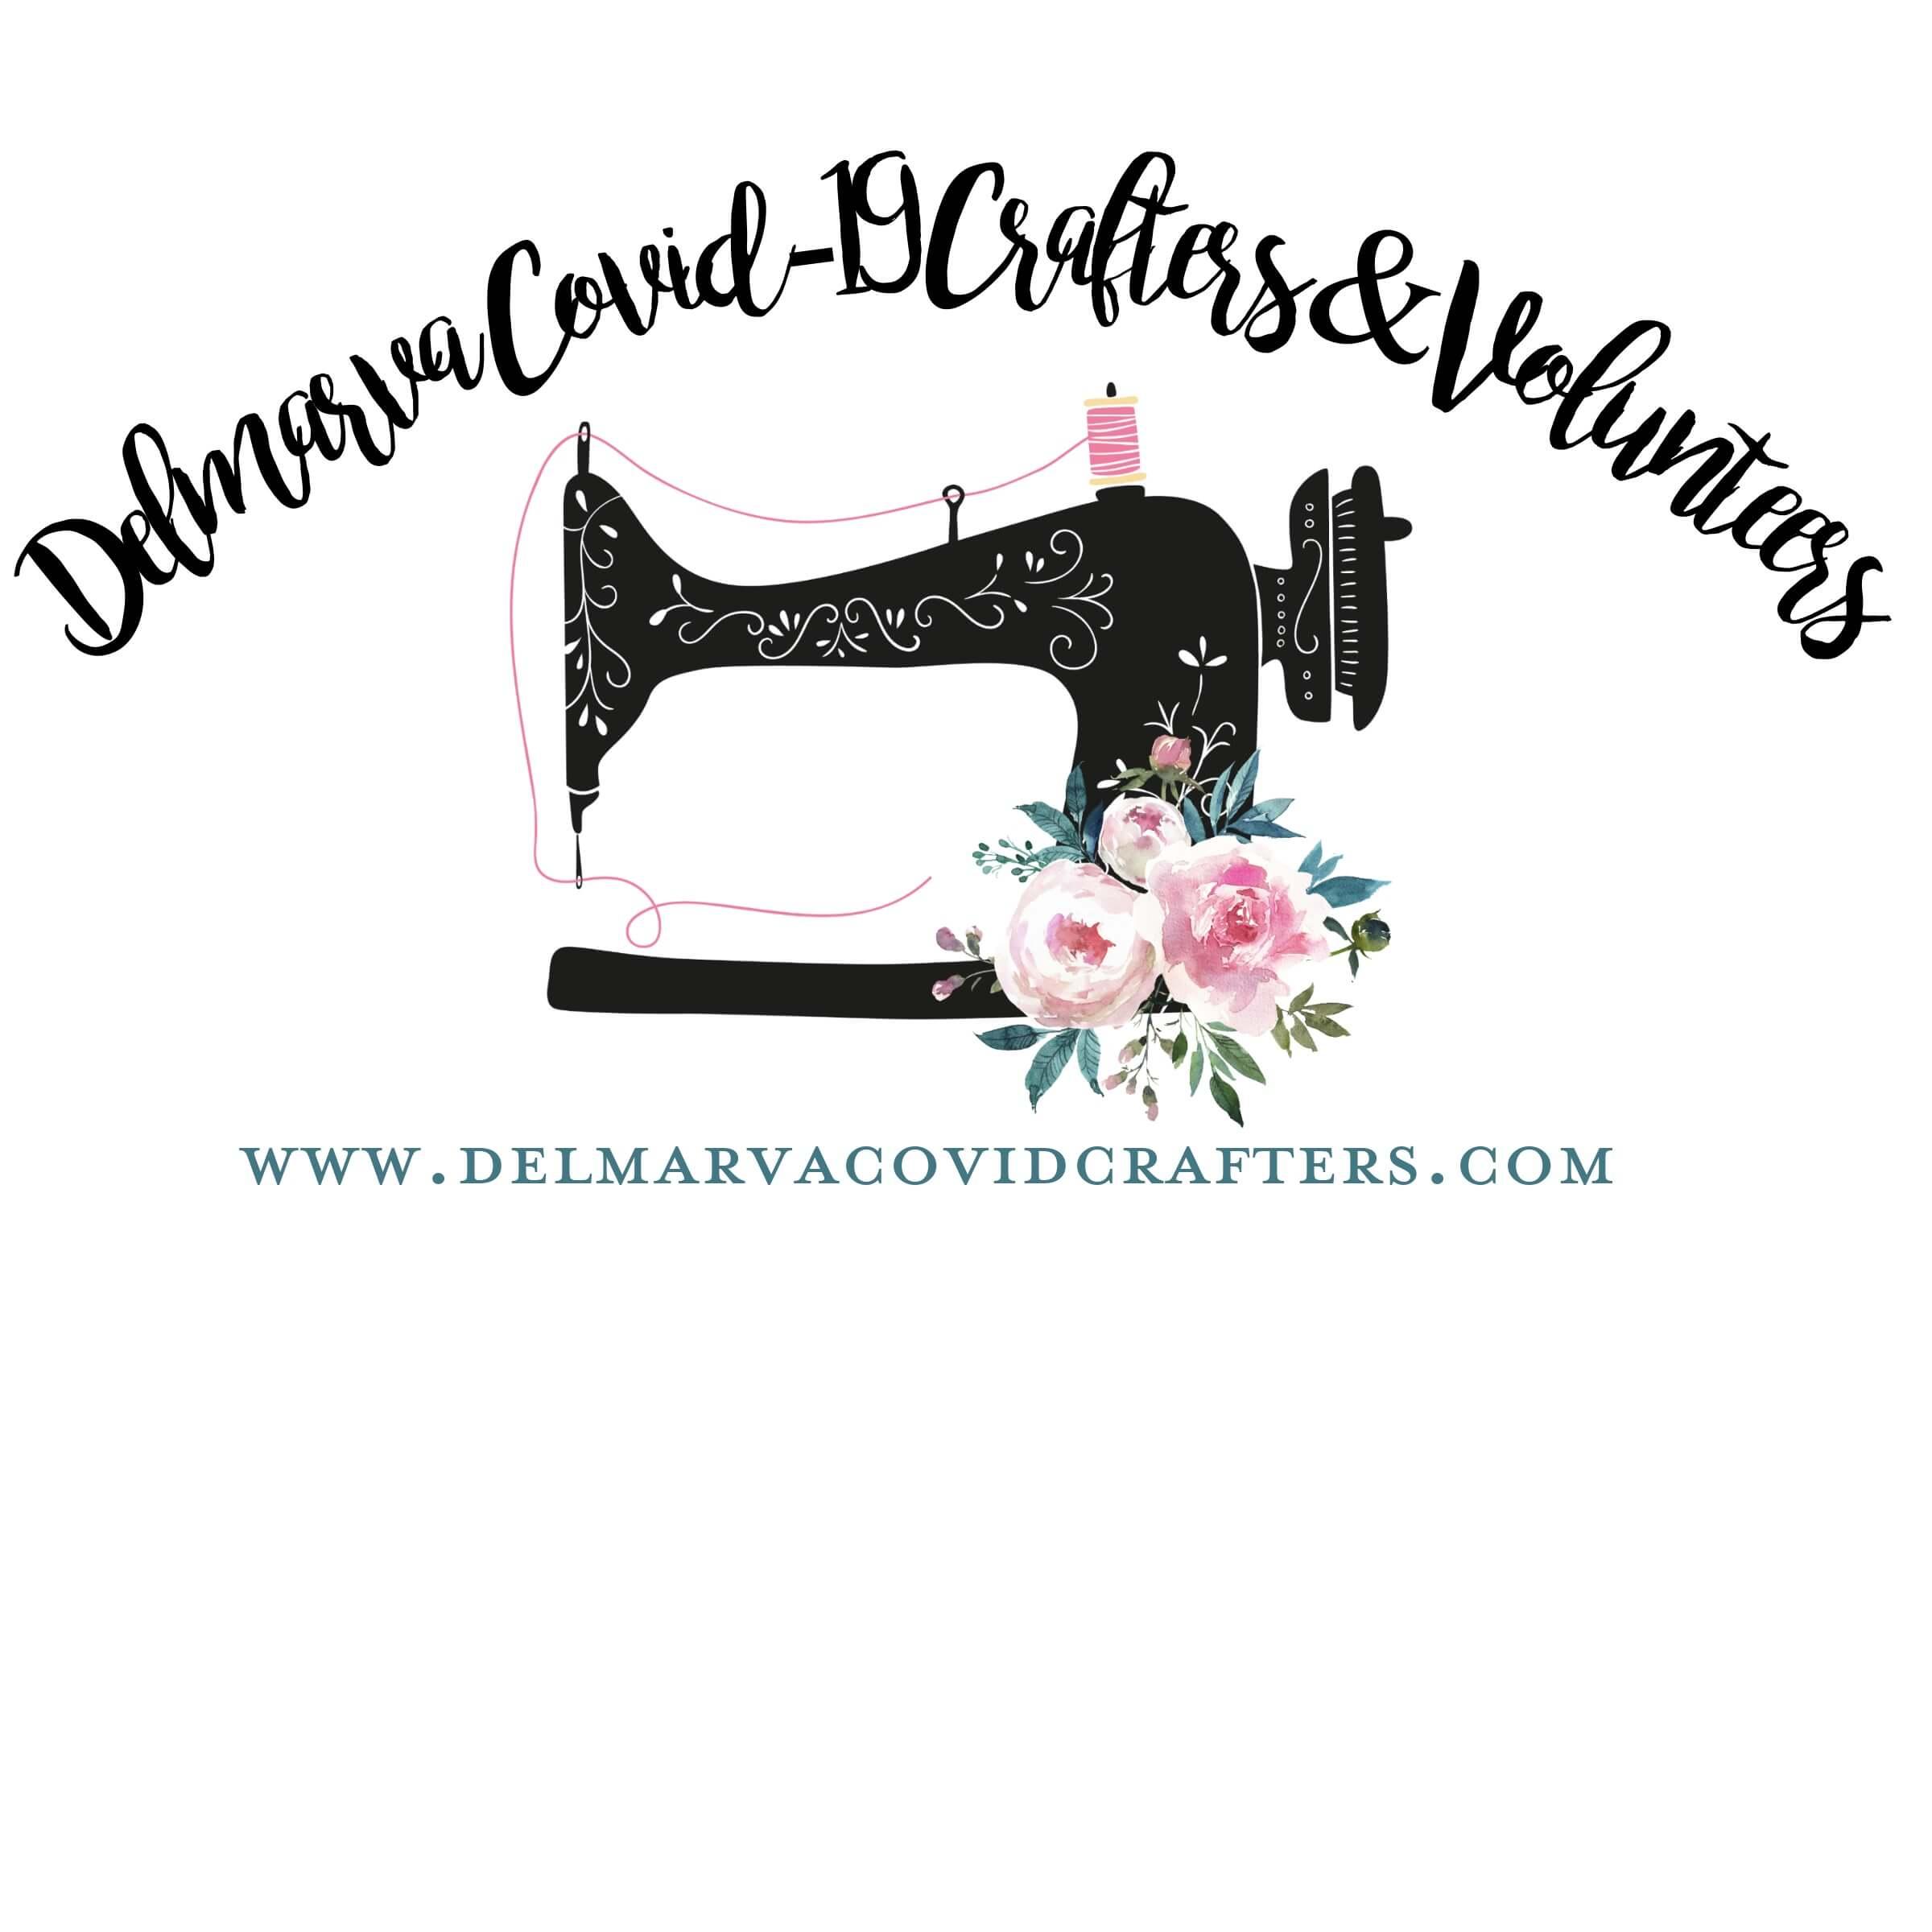 Delmarva COVID-19 Crafters & Volunteers